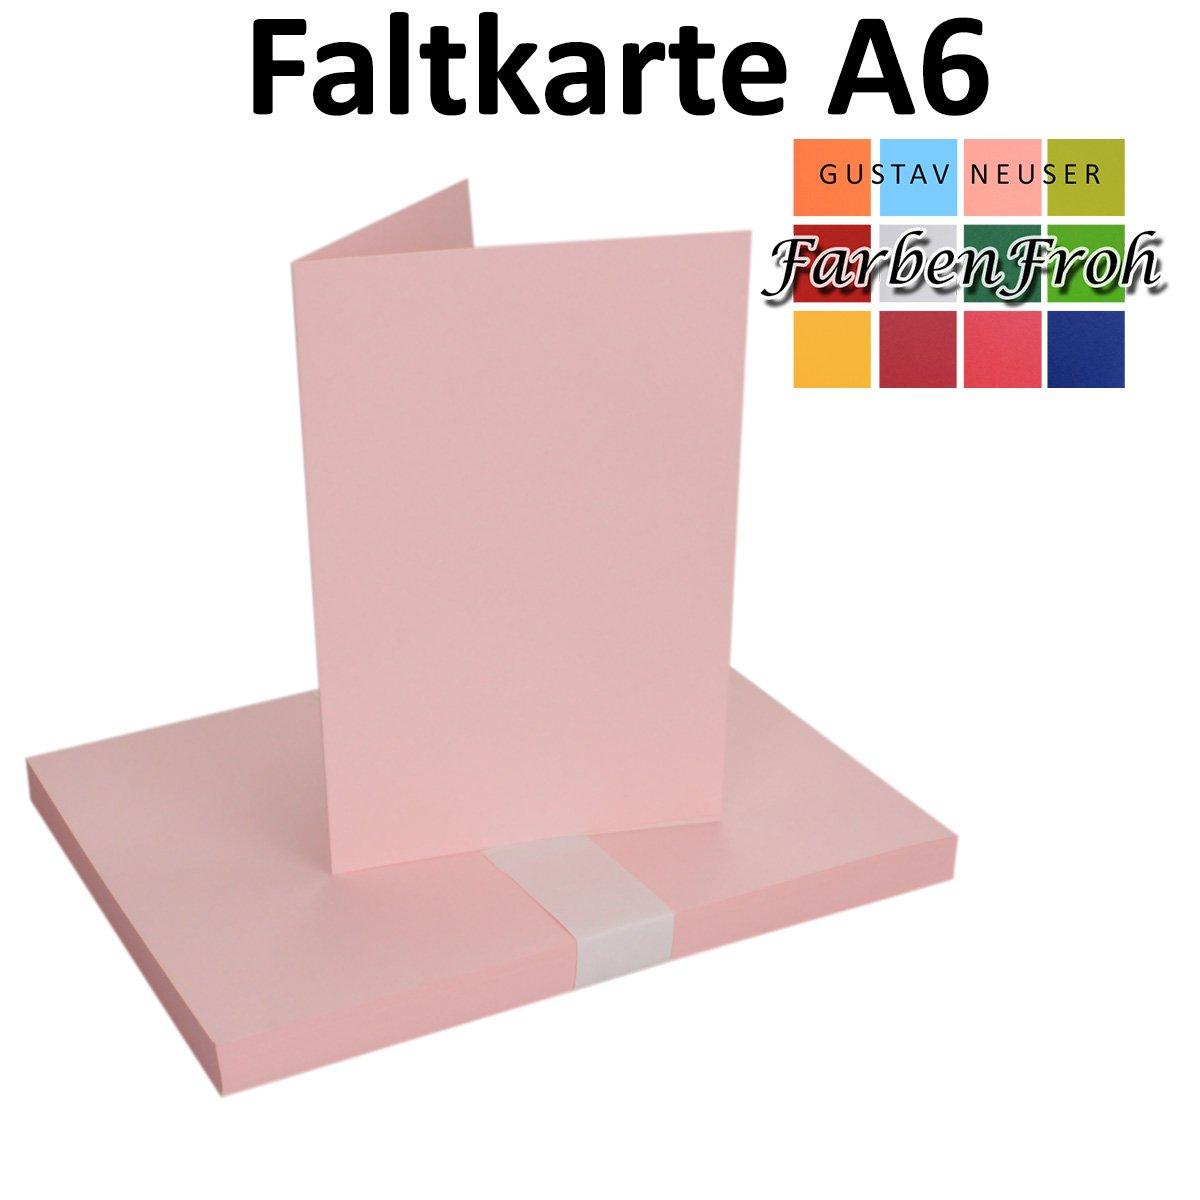 250x Falt-Karten DIN A6 Blanko Doppel-Karten in Hochweiß Kristallweiß Kristallweiß Kristallweiß -10,5 x 14,8 cm   Premium Qualität   FarbenFroh® B06Y468LS8 | Primäre Qualität  3ac0a4